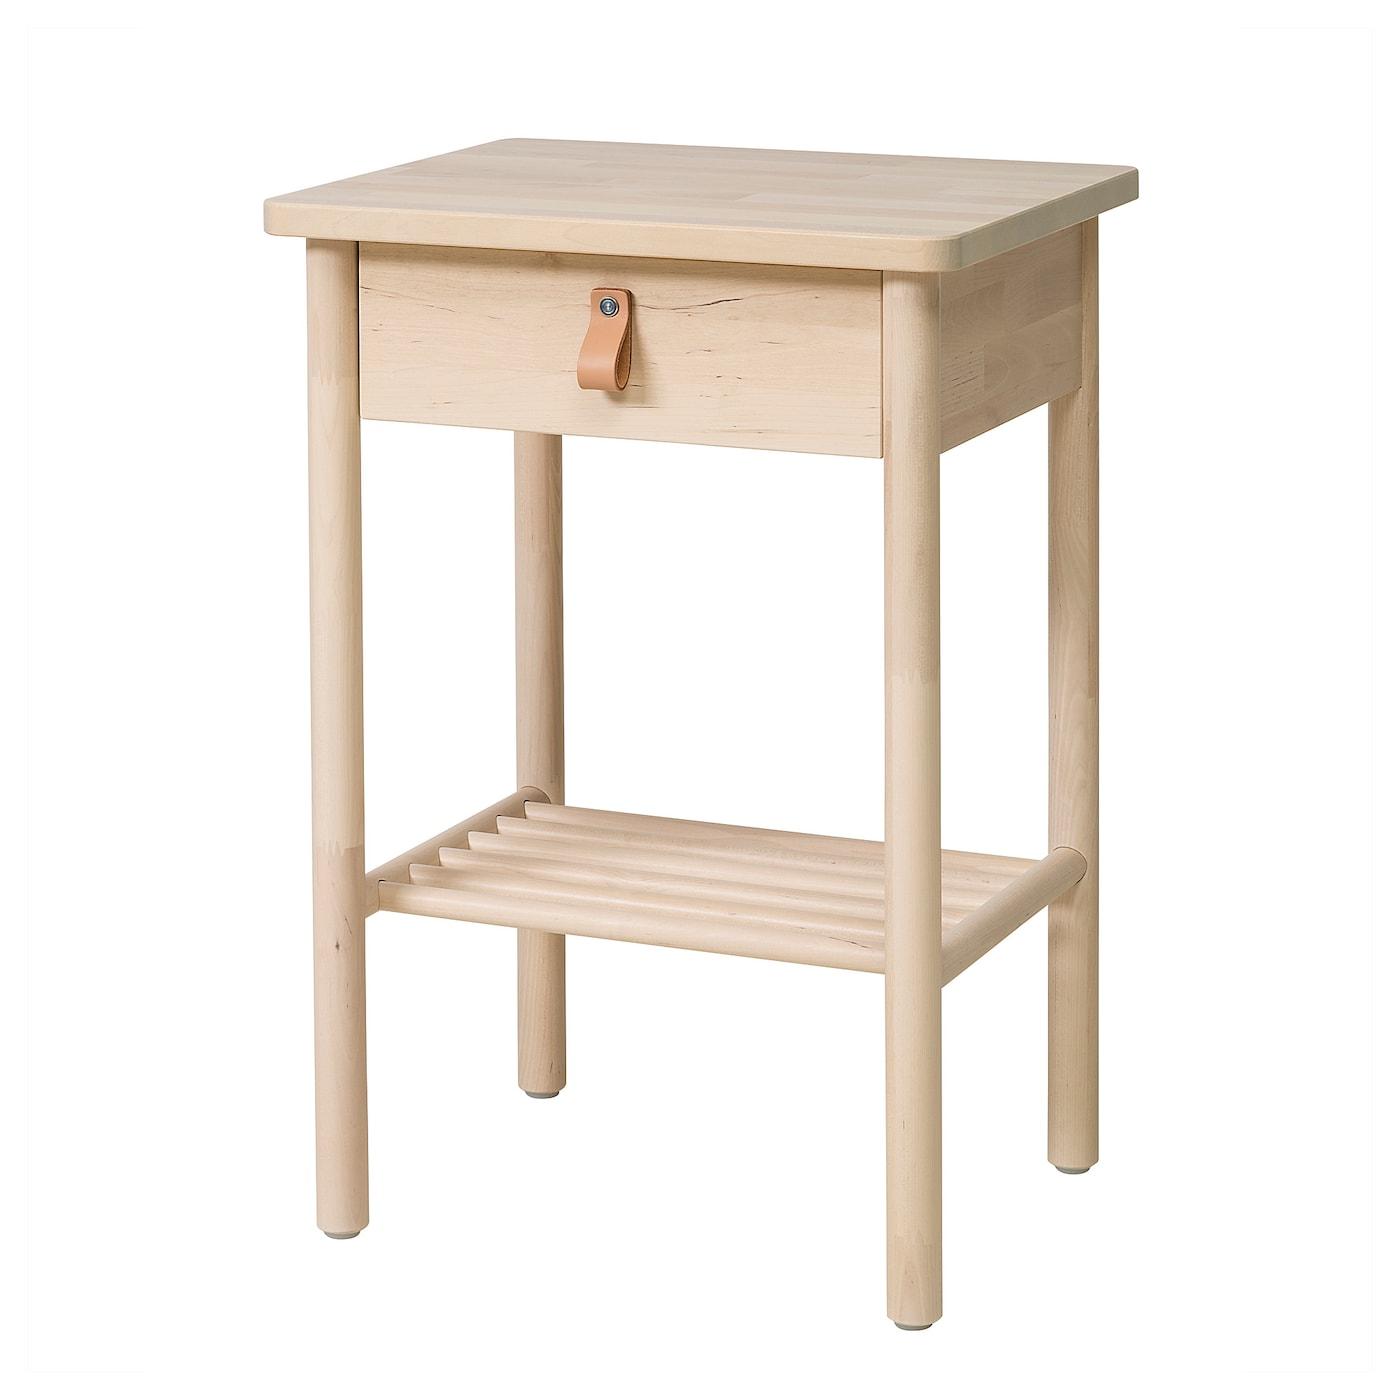 Nachtkastje Hangend Aan Bed.Nachtkastje Nachttafel Bedtafel Design Goedkoop Ikea